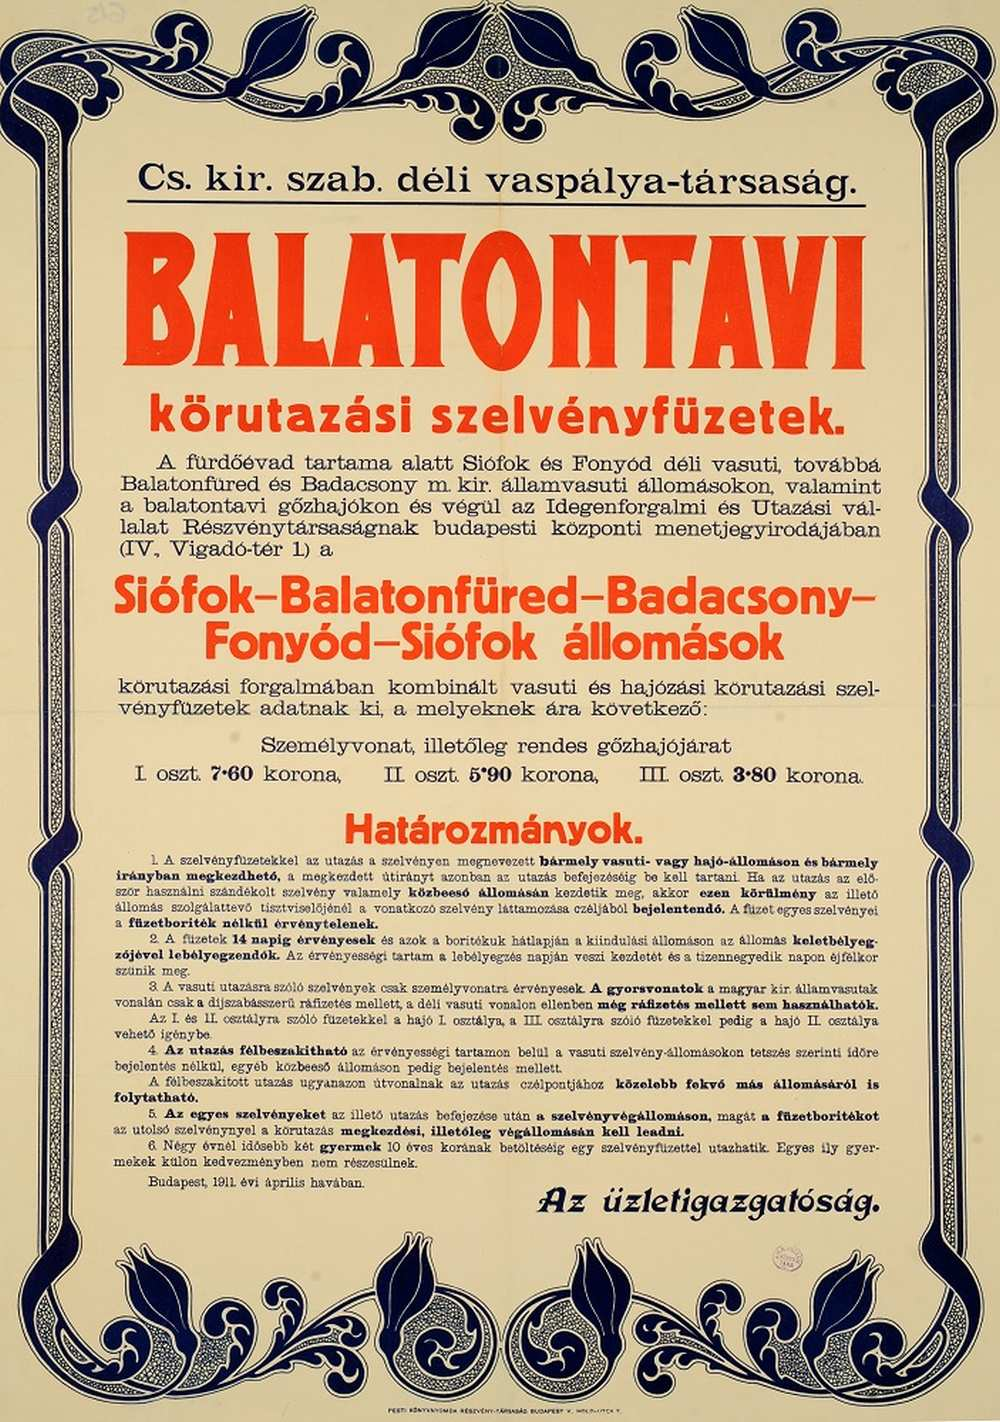 Balatontavi körutazási szelvényfüzetek (1911). Jelzet: PKG.1914e/615 – Térkép-, Plakát- és Kisnyomtatványtár http://nektar.oszk.hu/hu/manifestation/2772573